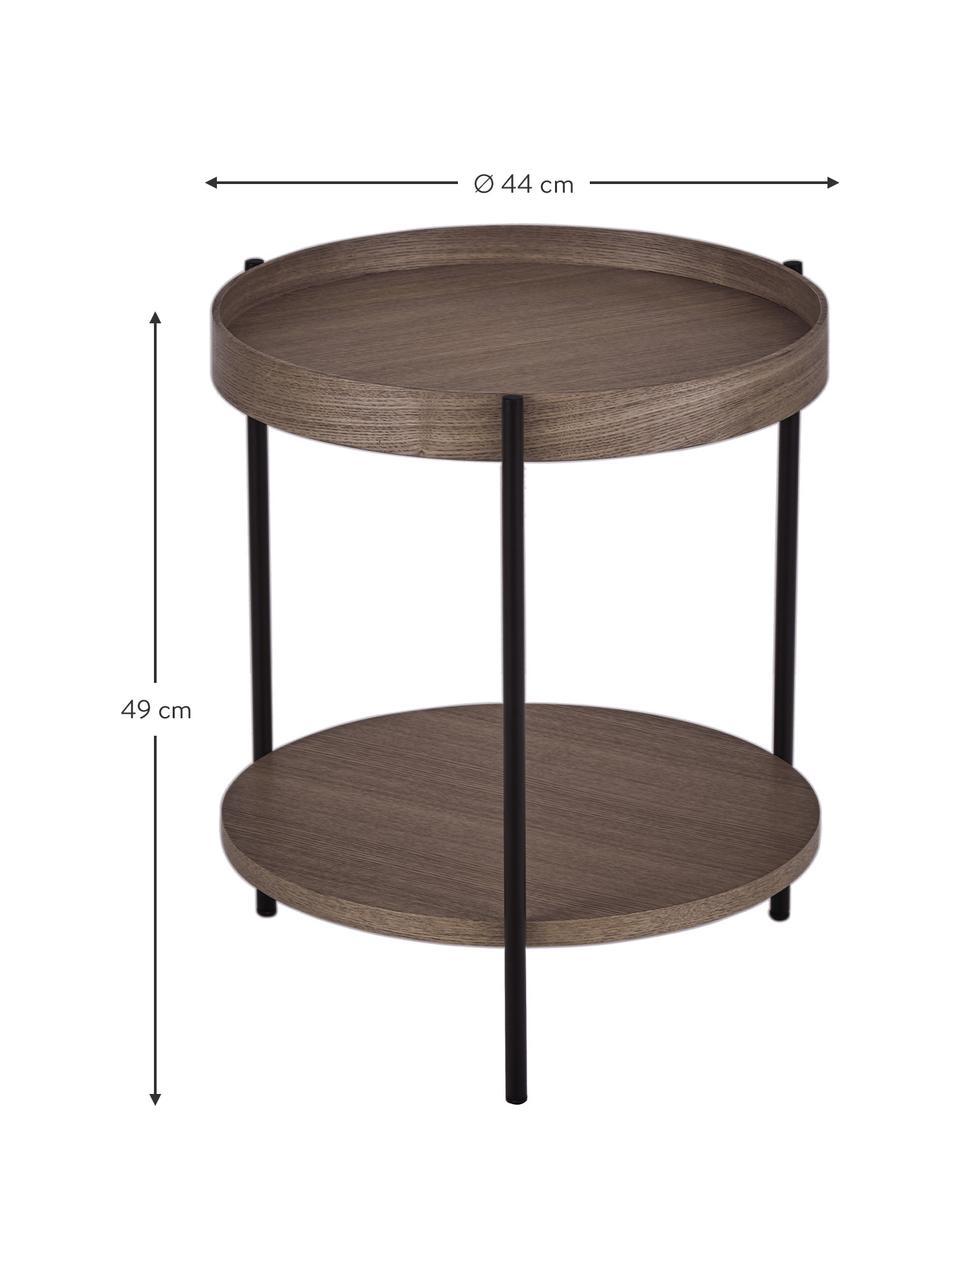 Stolik pomocniczy z drewna Renee, Stelaż: metal malowany proszkowo, Drewno orzechowe, Ø 44 x W 49 cm